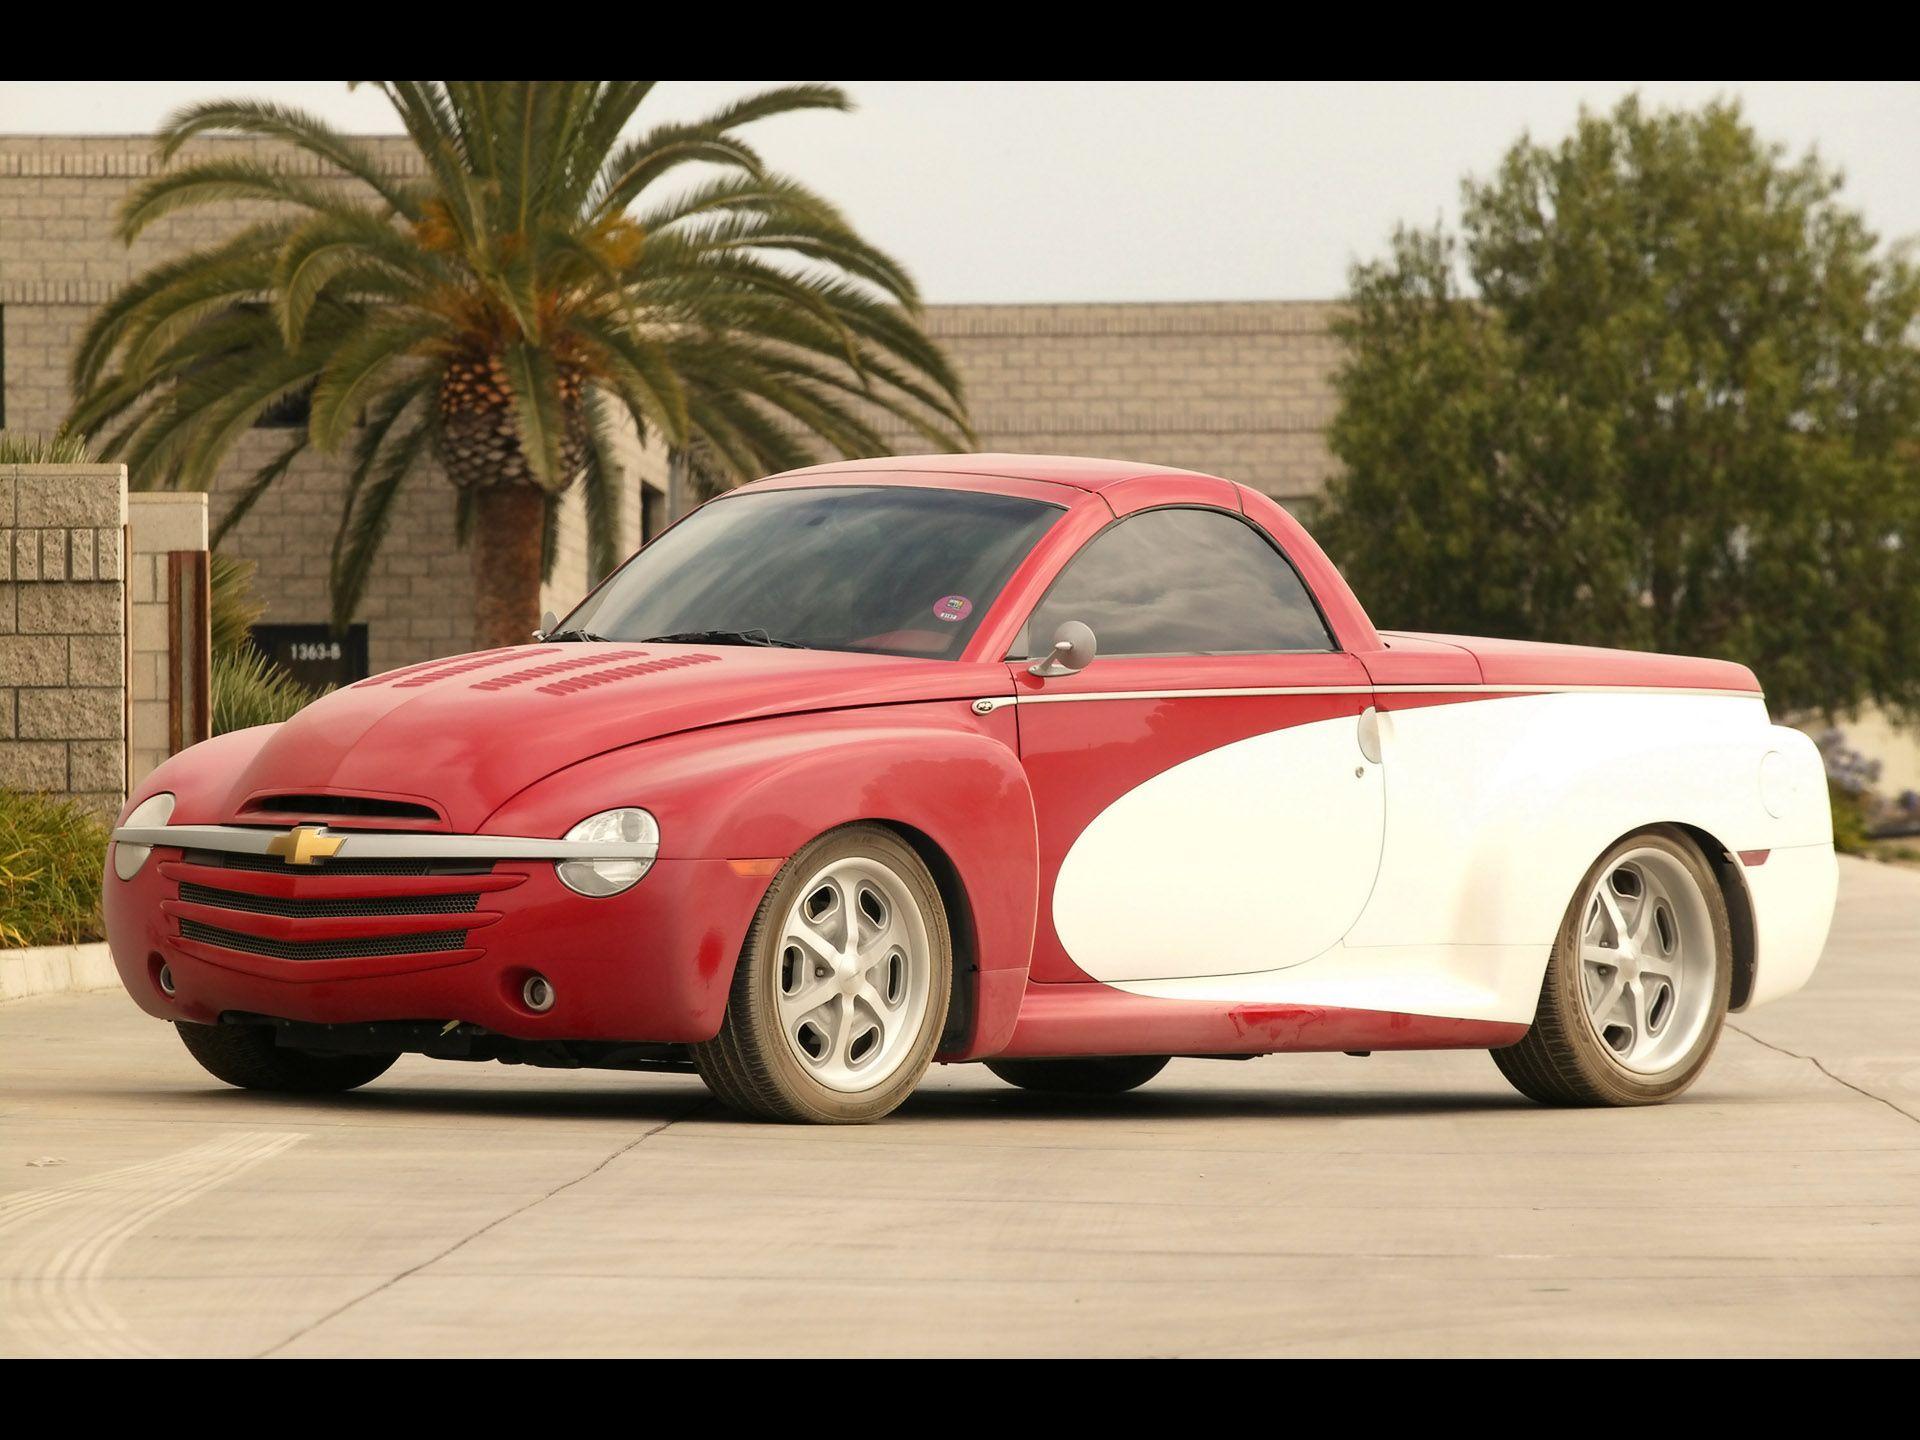 2004 Chevrolet Ssr Push Truck Chevrolet Ssr Chevy Ssr Chevrolet